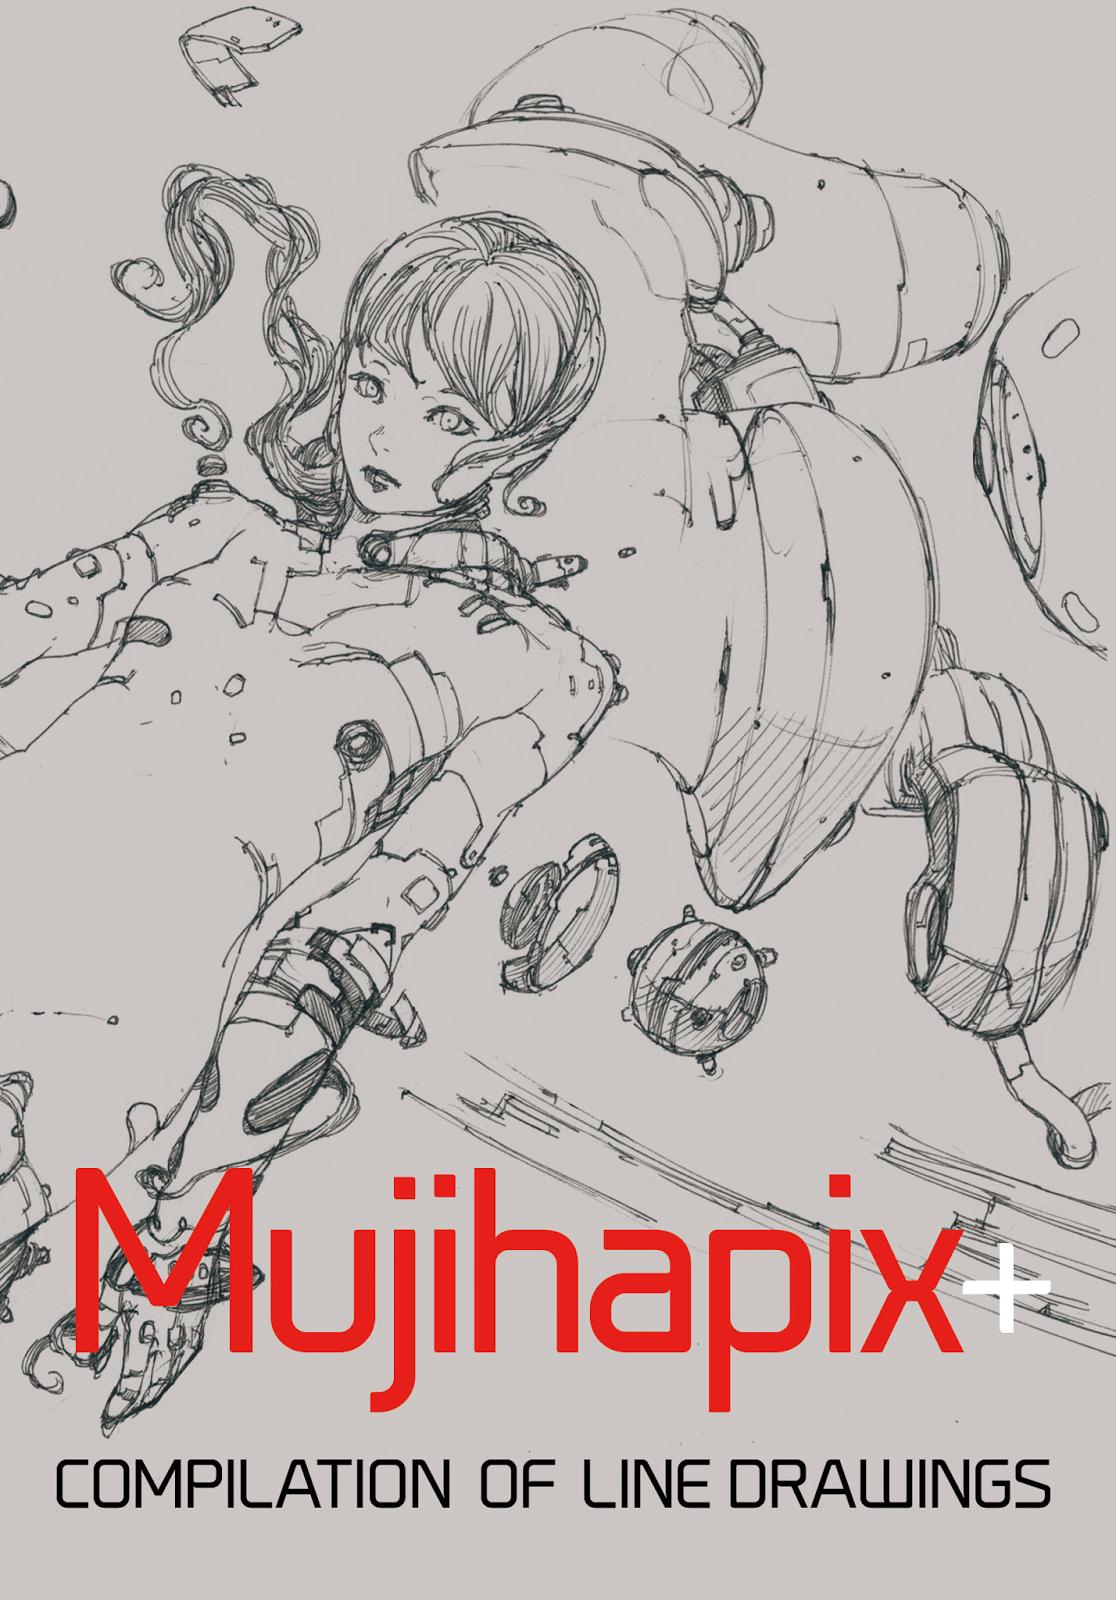 Mujihapix+